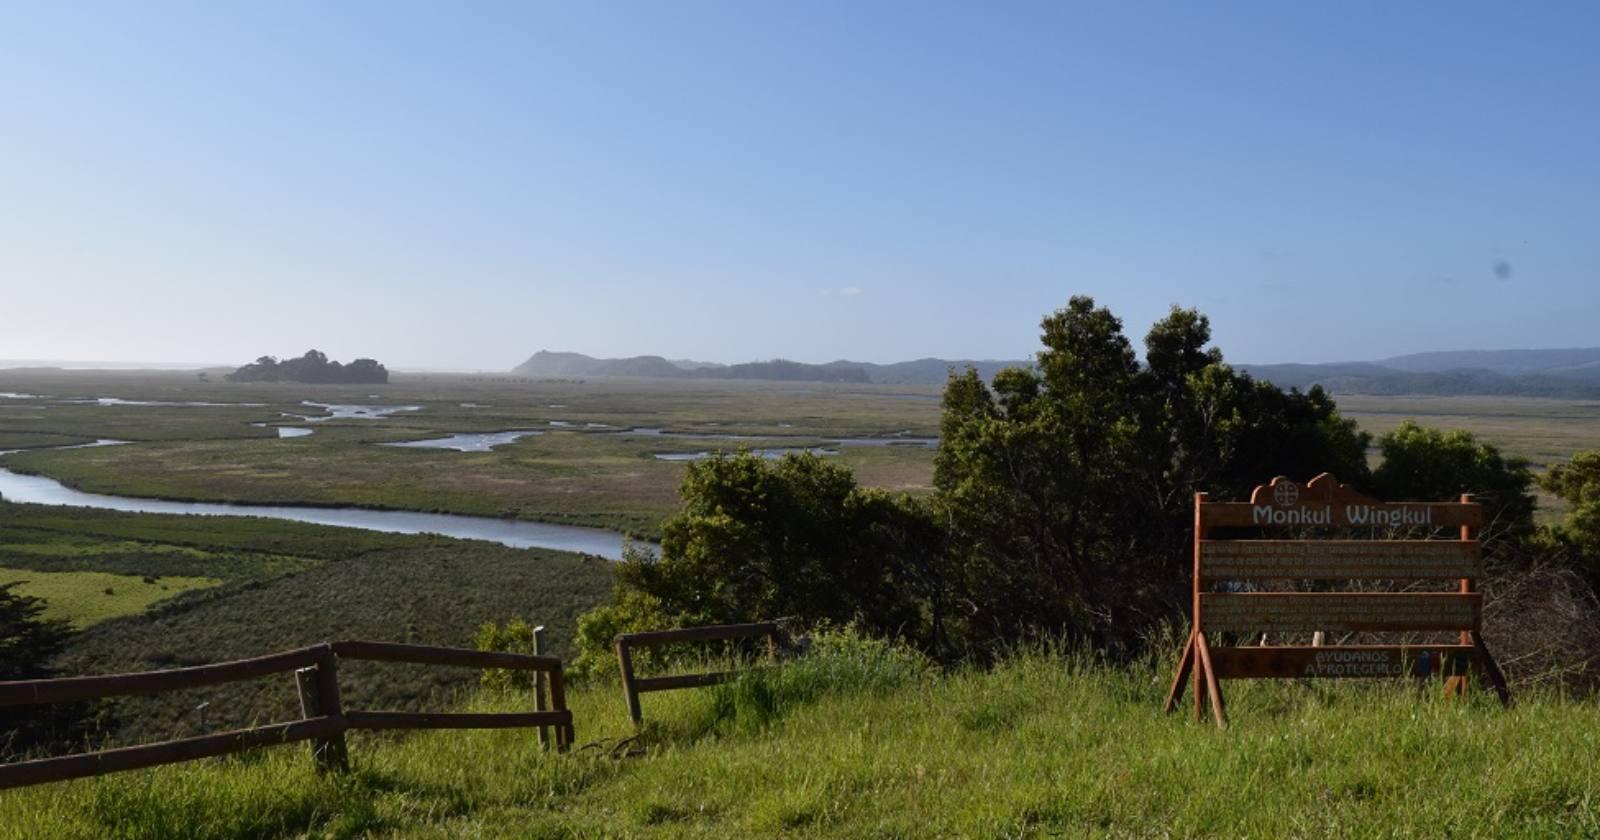 """""""Organismo internacional declara sitio protegido a humedal Monkul administrado por comunidad mapuche"""""""